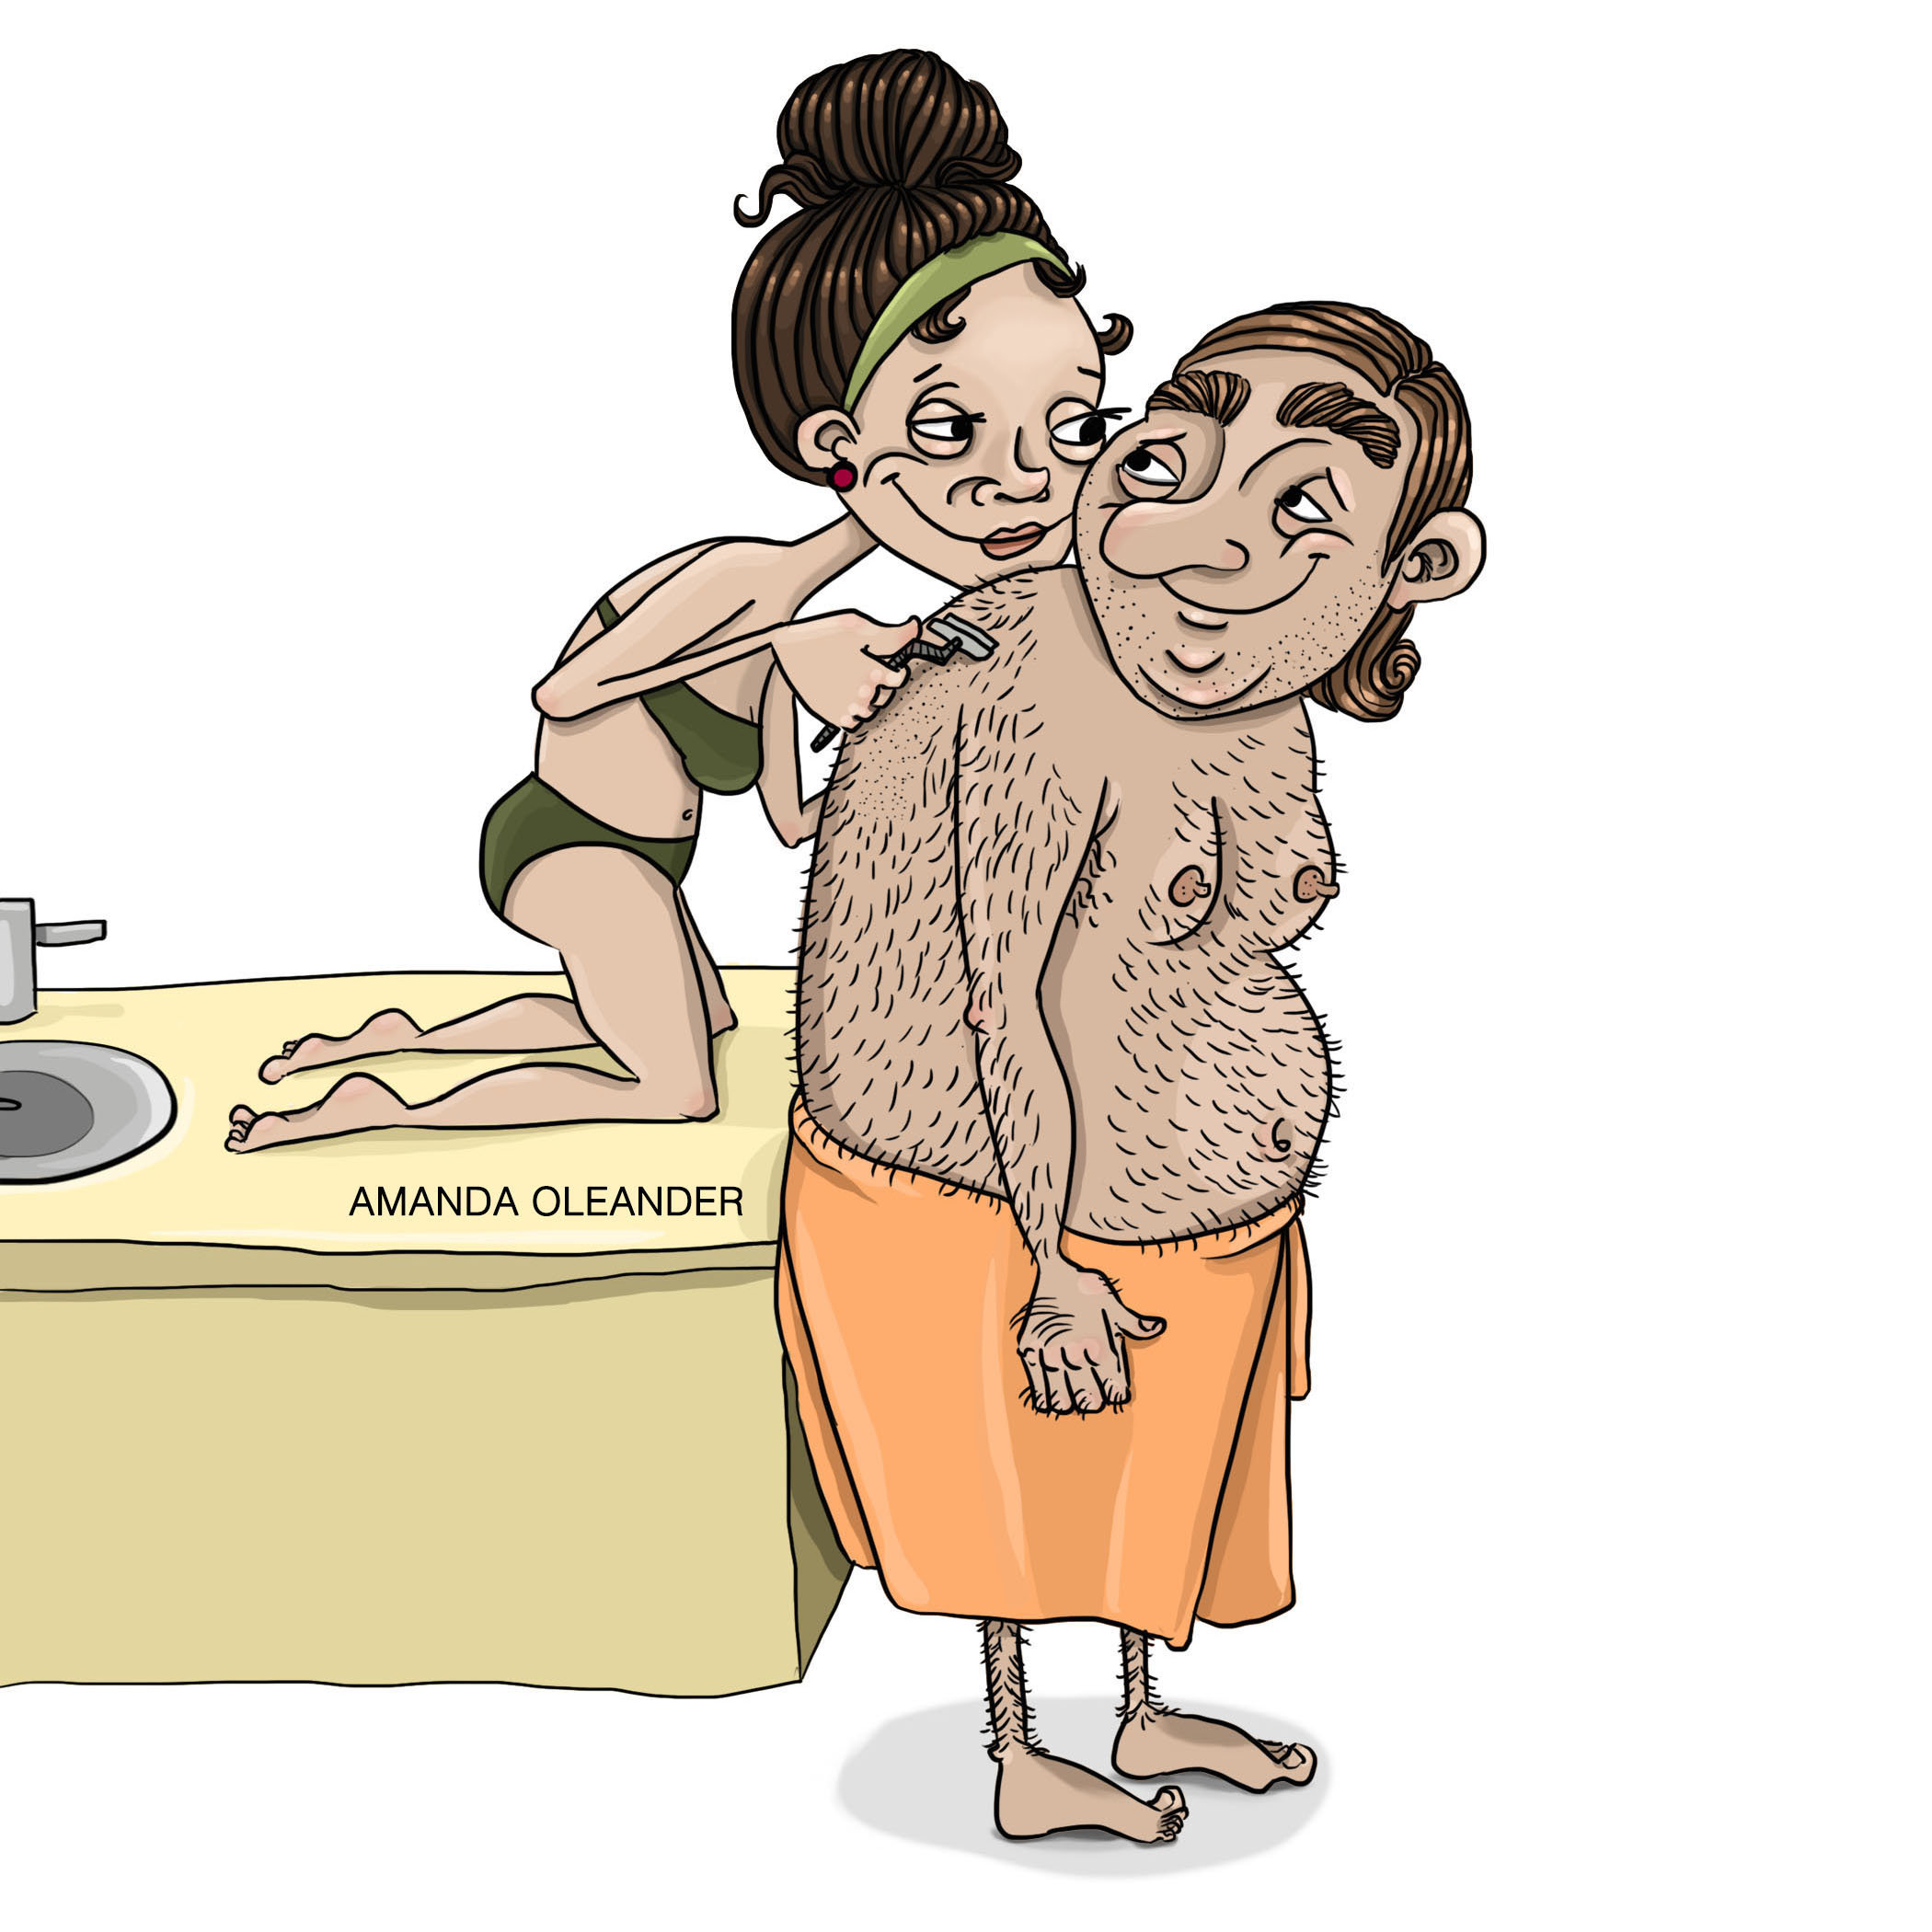 Bộ tranh minh họa hạnh phúc giản dị giấu sau cánh cửa của những cặp đôi đang yêu